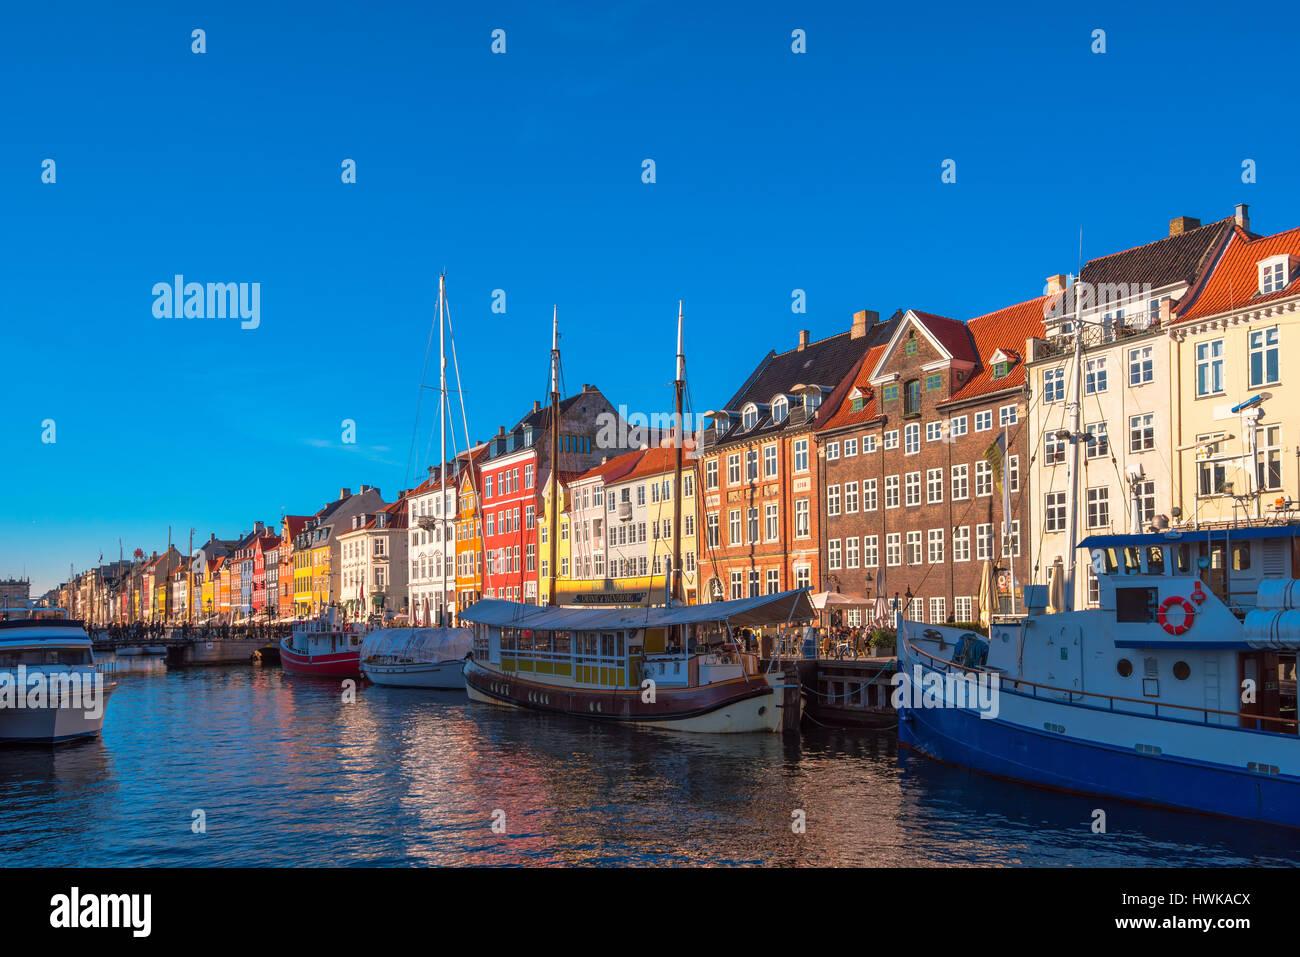 Copenhague, Dinamarca - 11 de marzo de 2017: canal de Nyhavn en Copenhague y del paseo, con sus coloridas fachadas, siglo xvii waterfront Foto de stock